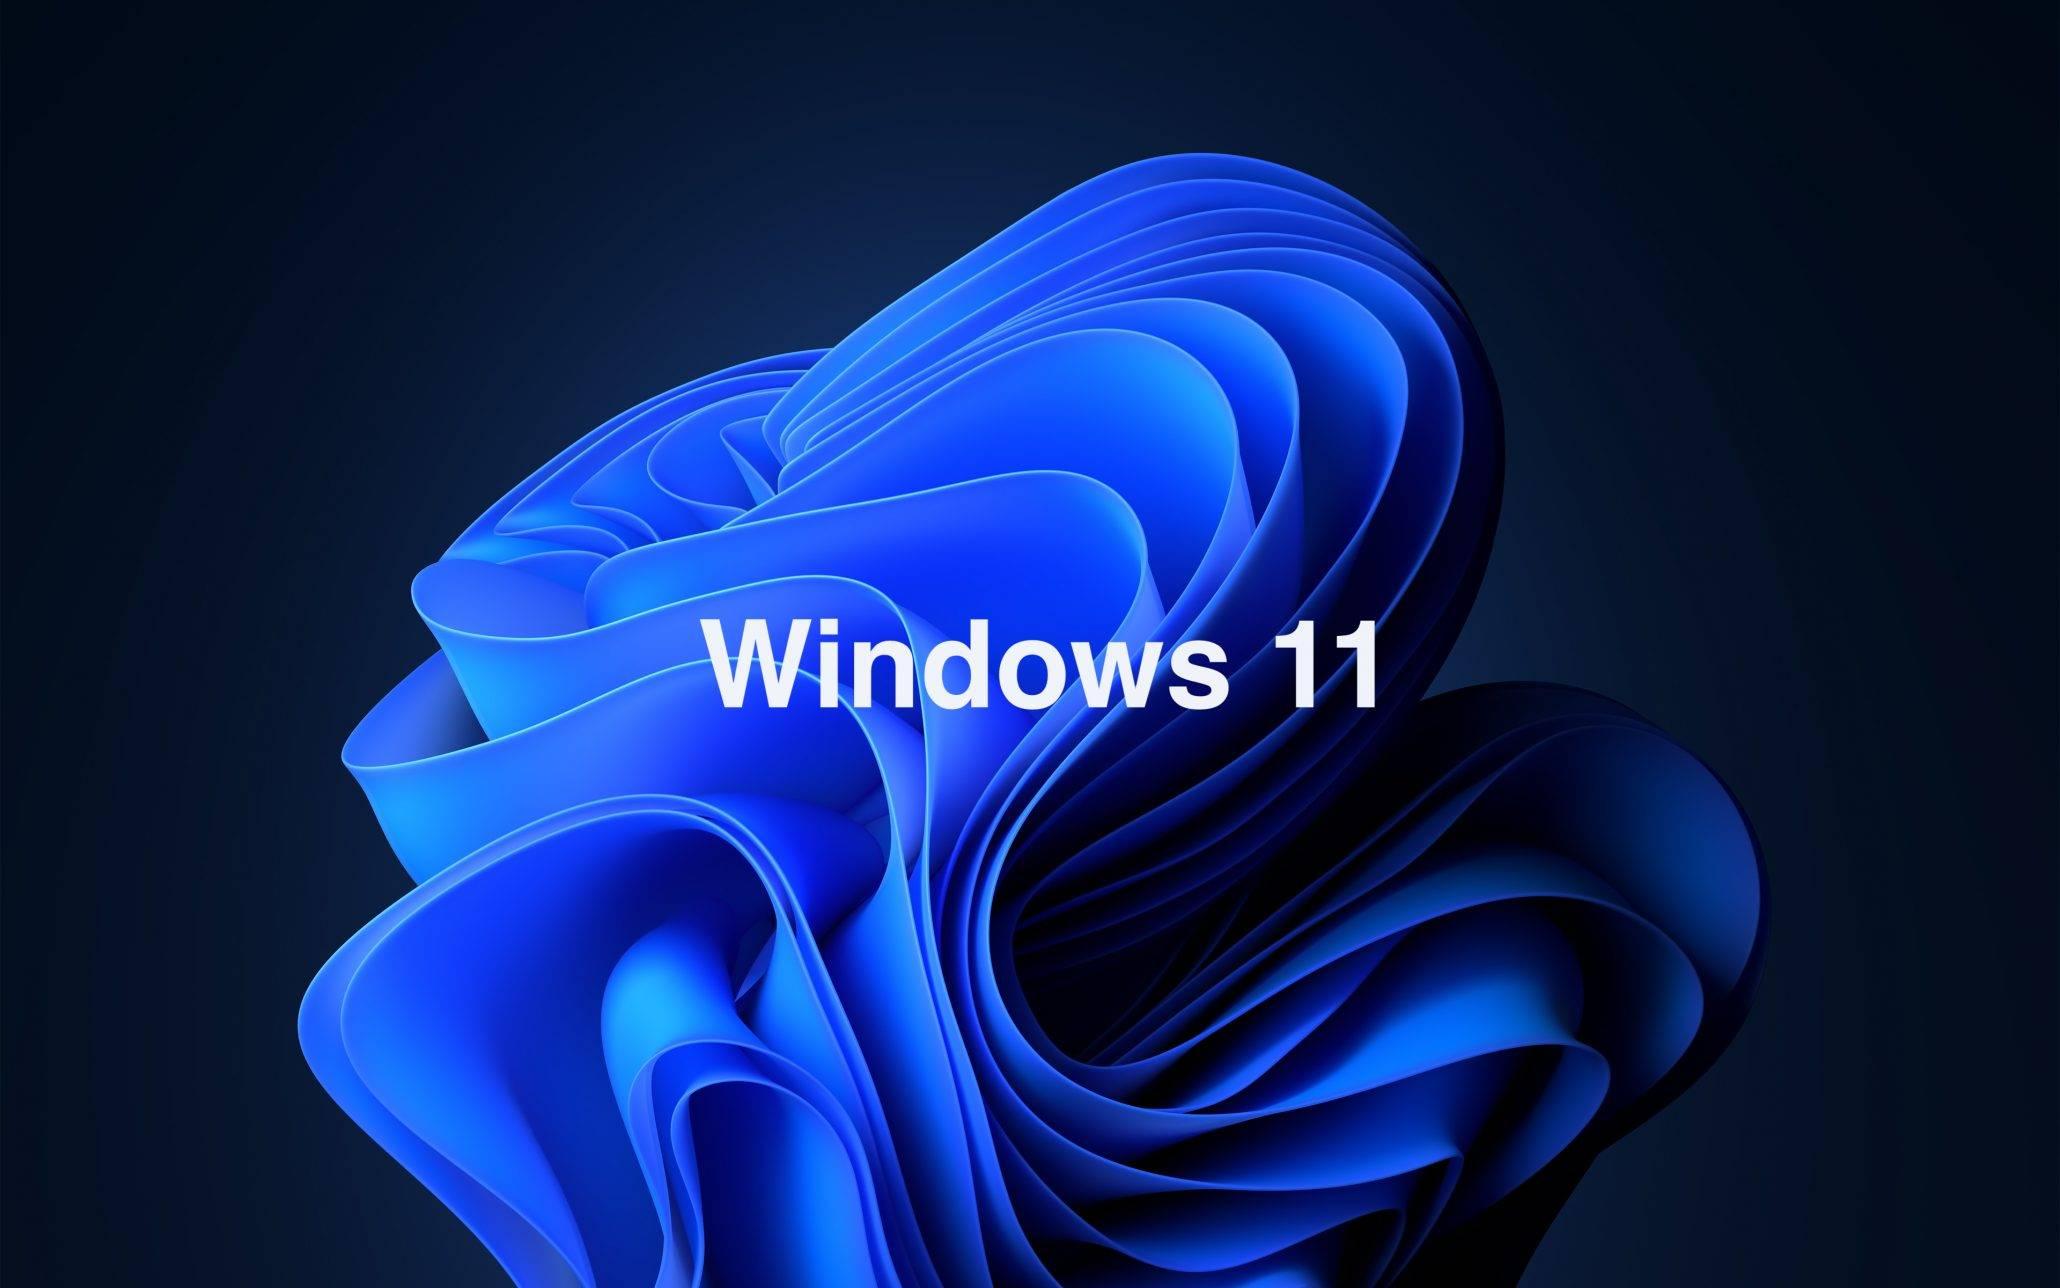 微软新系统彻底曝光:Win11即将来临,Win10还有四年寿命